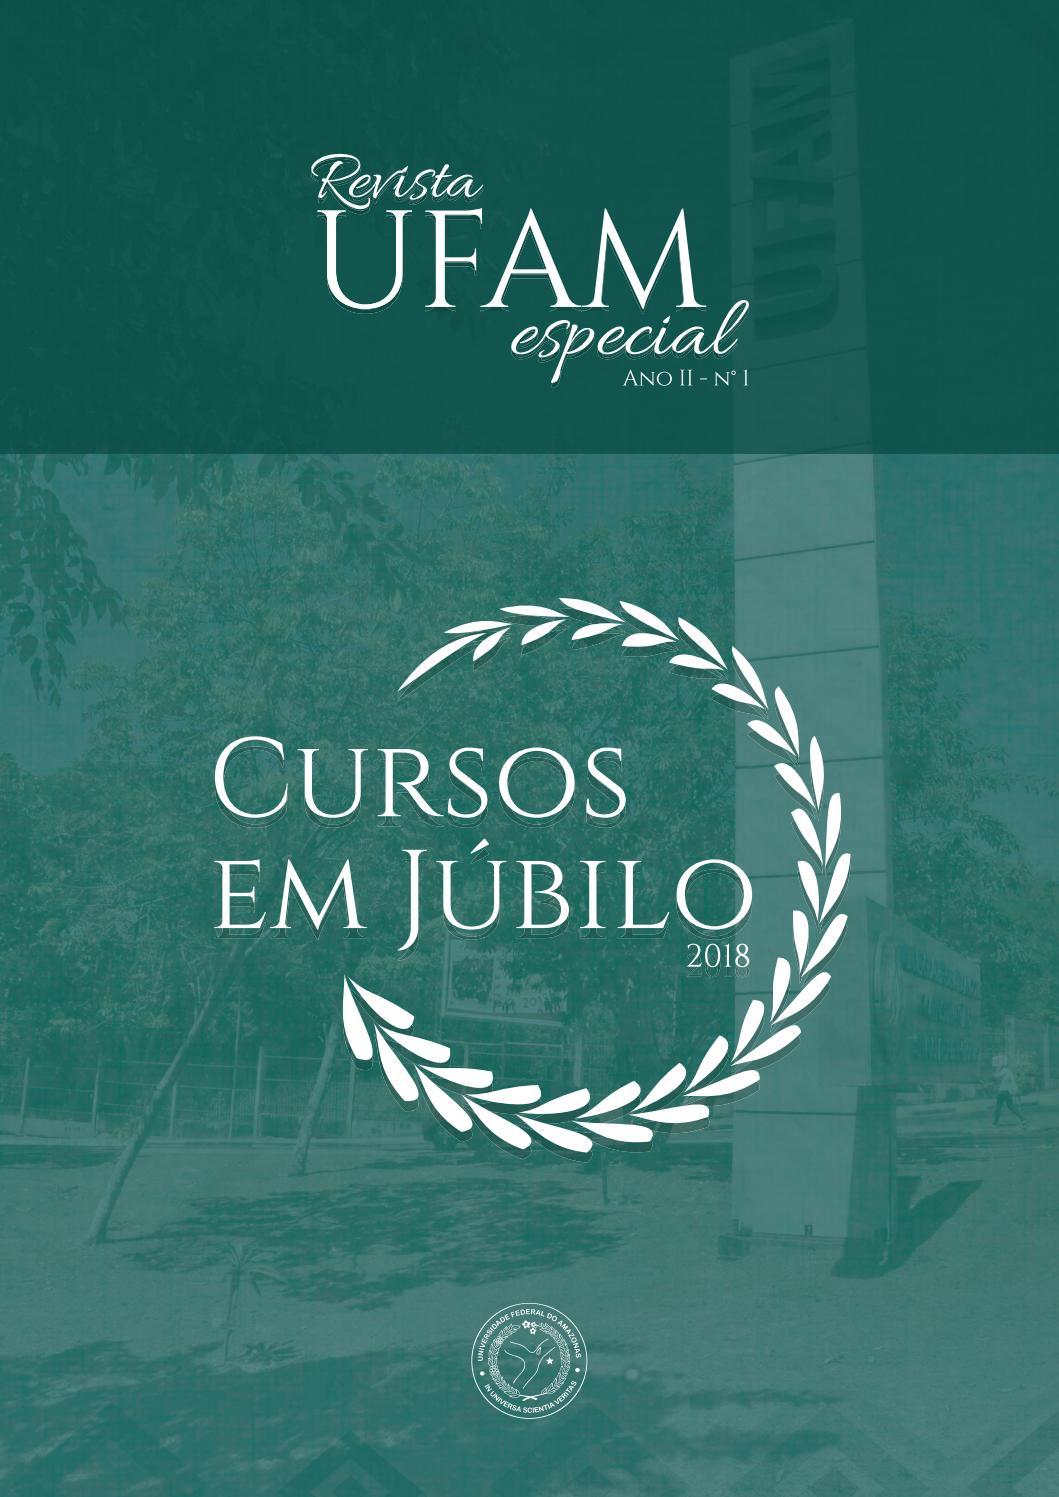 Cursos Em Júbilo 2018 By Ascom Ufam Issuu